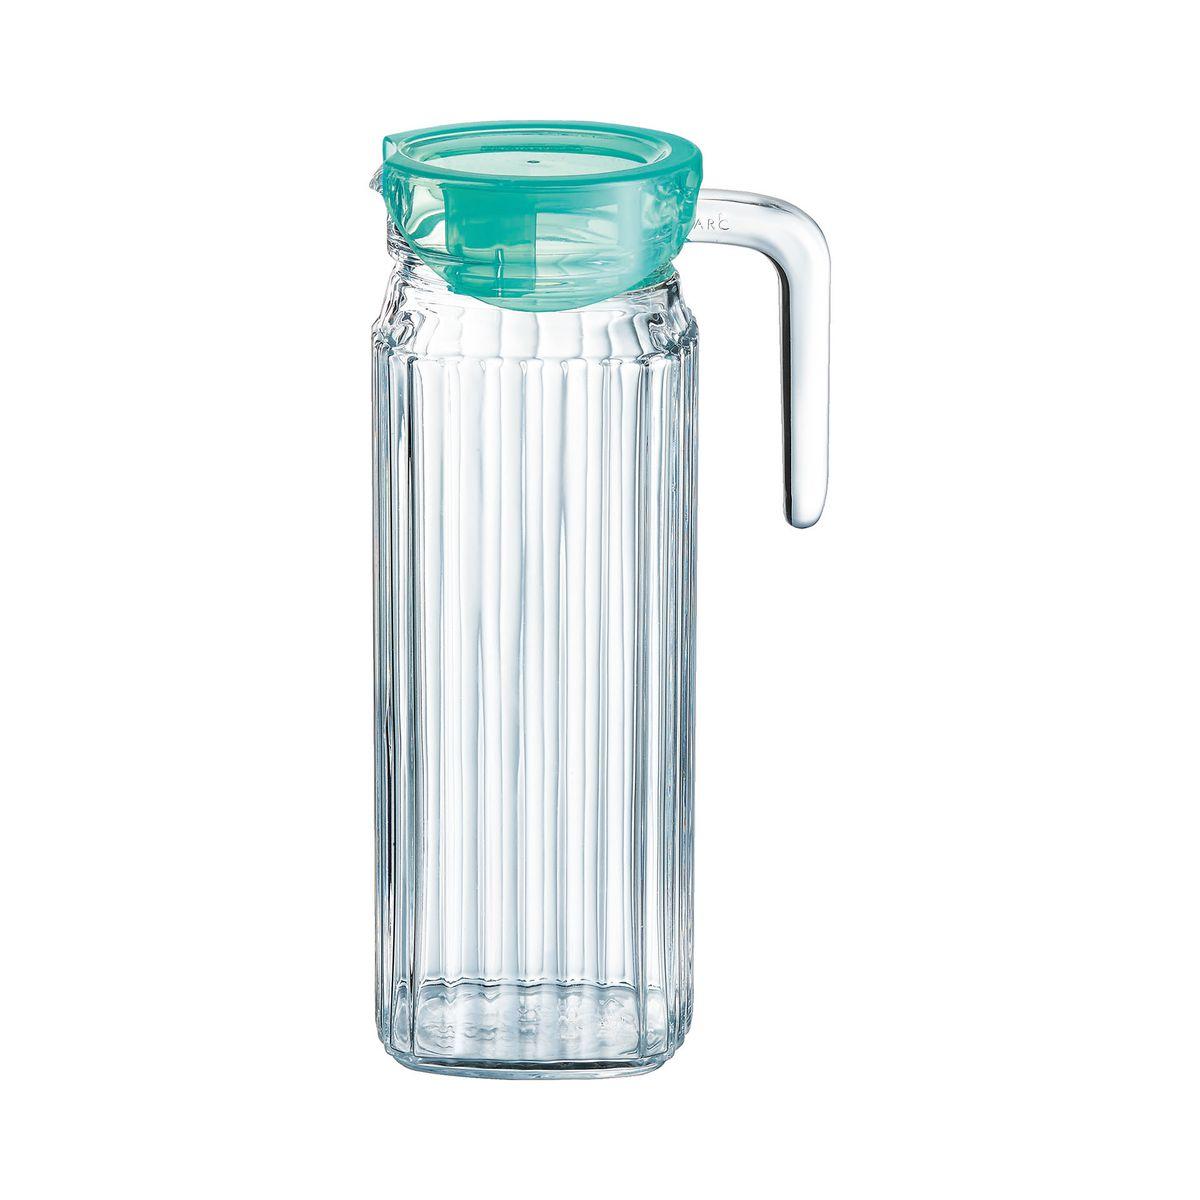 Broc en verre ultra transparent avec bec 1,1L